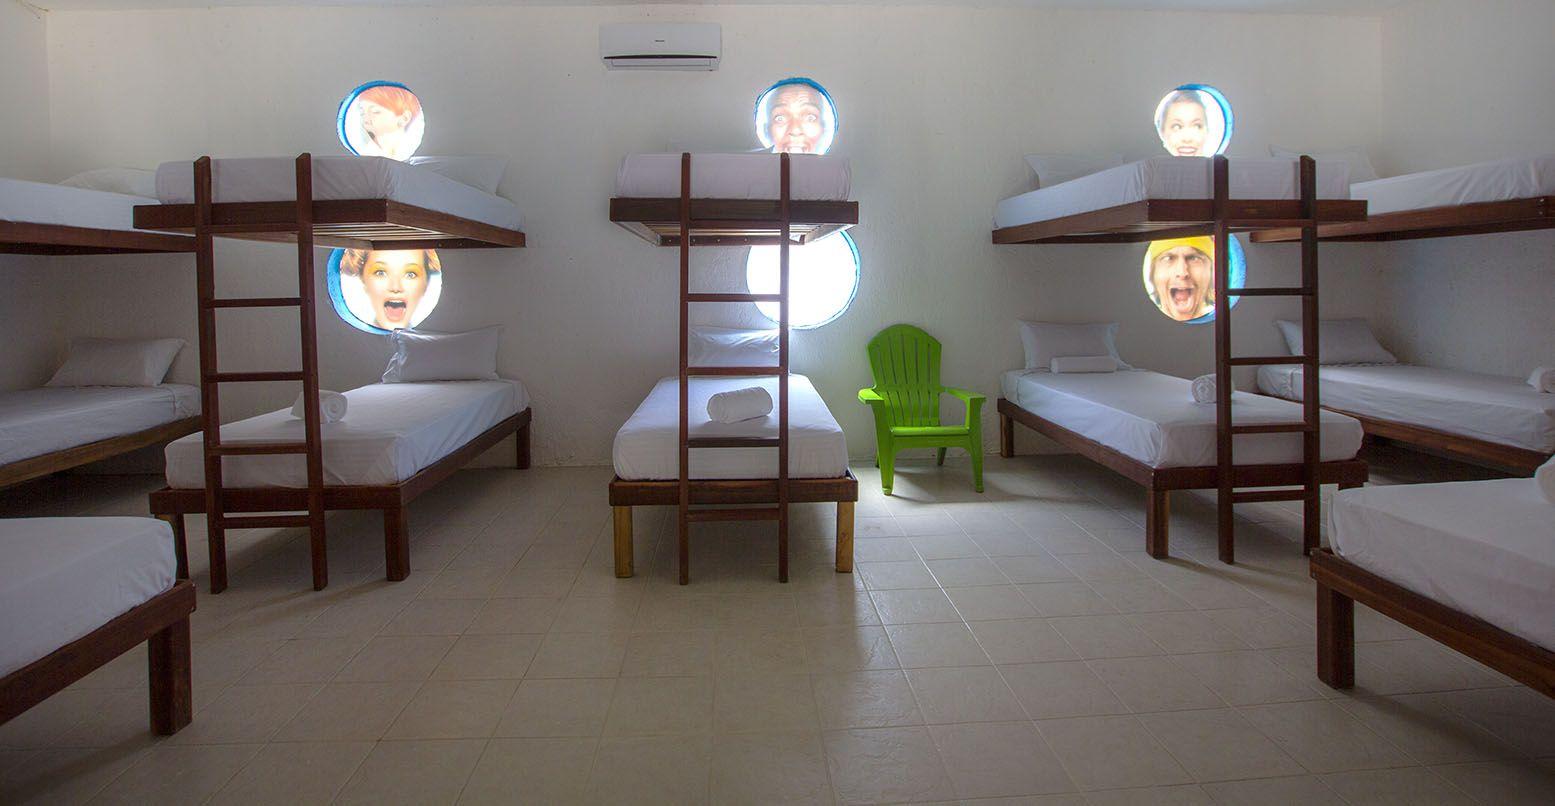 Hugo's Room habitación compartida para 16 personas, aire